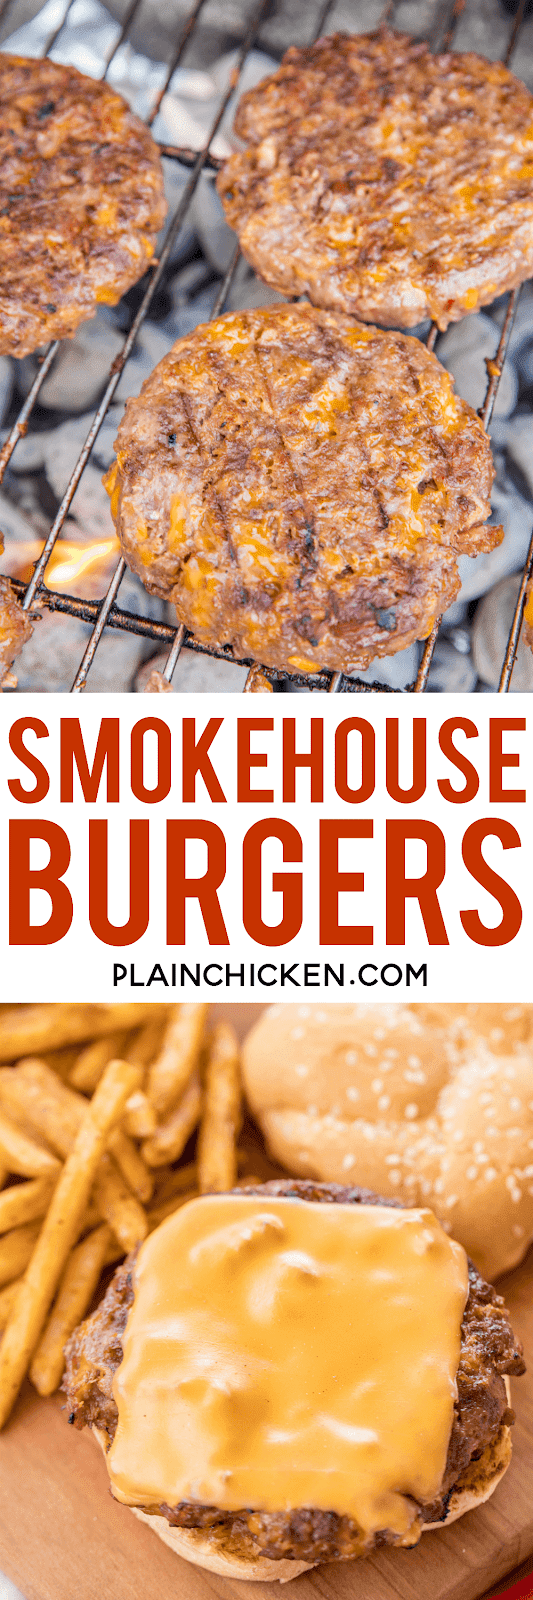 Smokehouse Burgers - ¡LAS MEJORES hamburguesas! Carne molida y salchichas cargadas de queso cheddar, tocino, rancho, salsa barbacoa y cebollas fritas. ¡¡¡Perfección!!! Se puede adelantar y congelar para más tarde. ¡Hicimos esto para una comida al aire libre y todos pidieron la receta! Nuestra receta de hamburguesas # 1 !! ¡Necesitas hacer esto lo antes posible! #grilling #burgers #beef